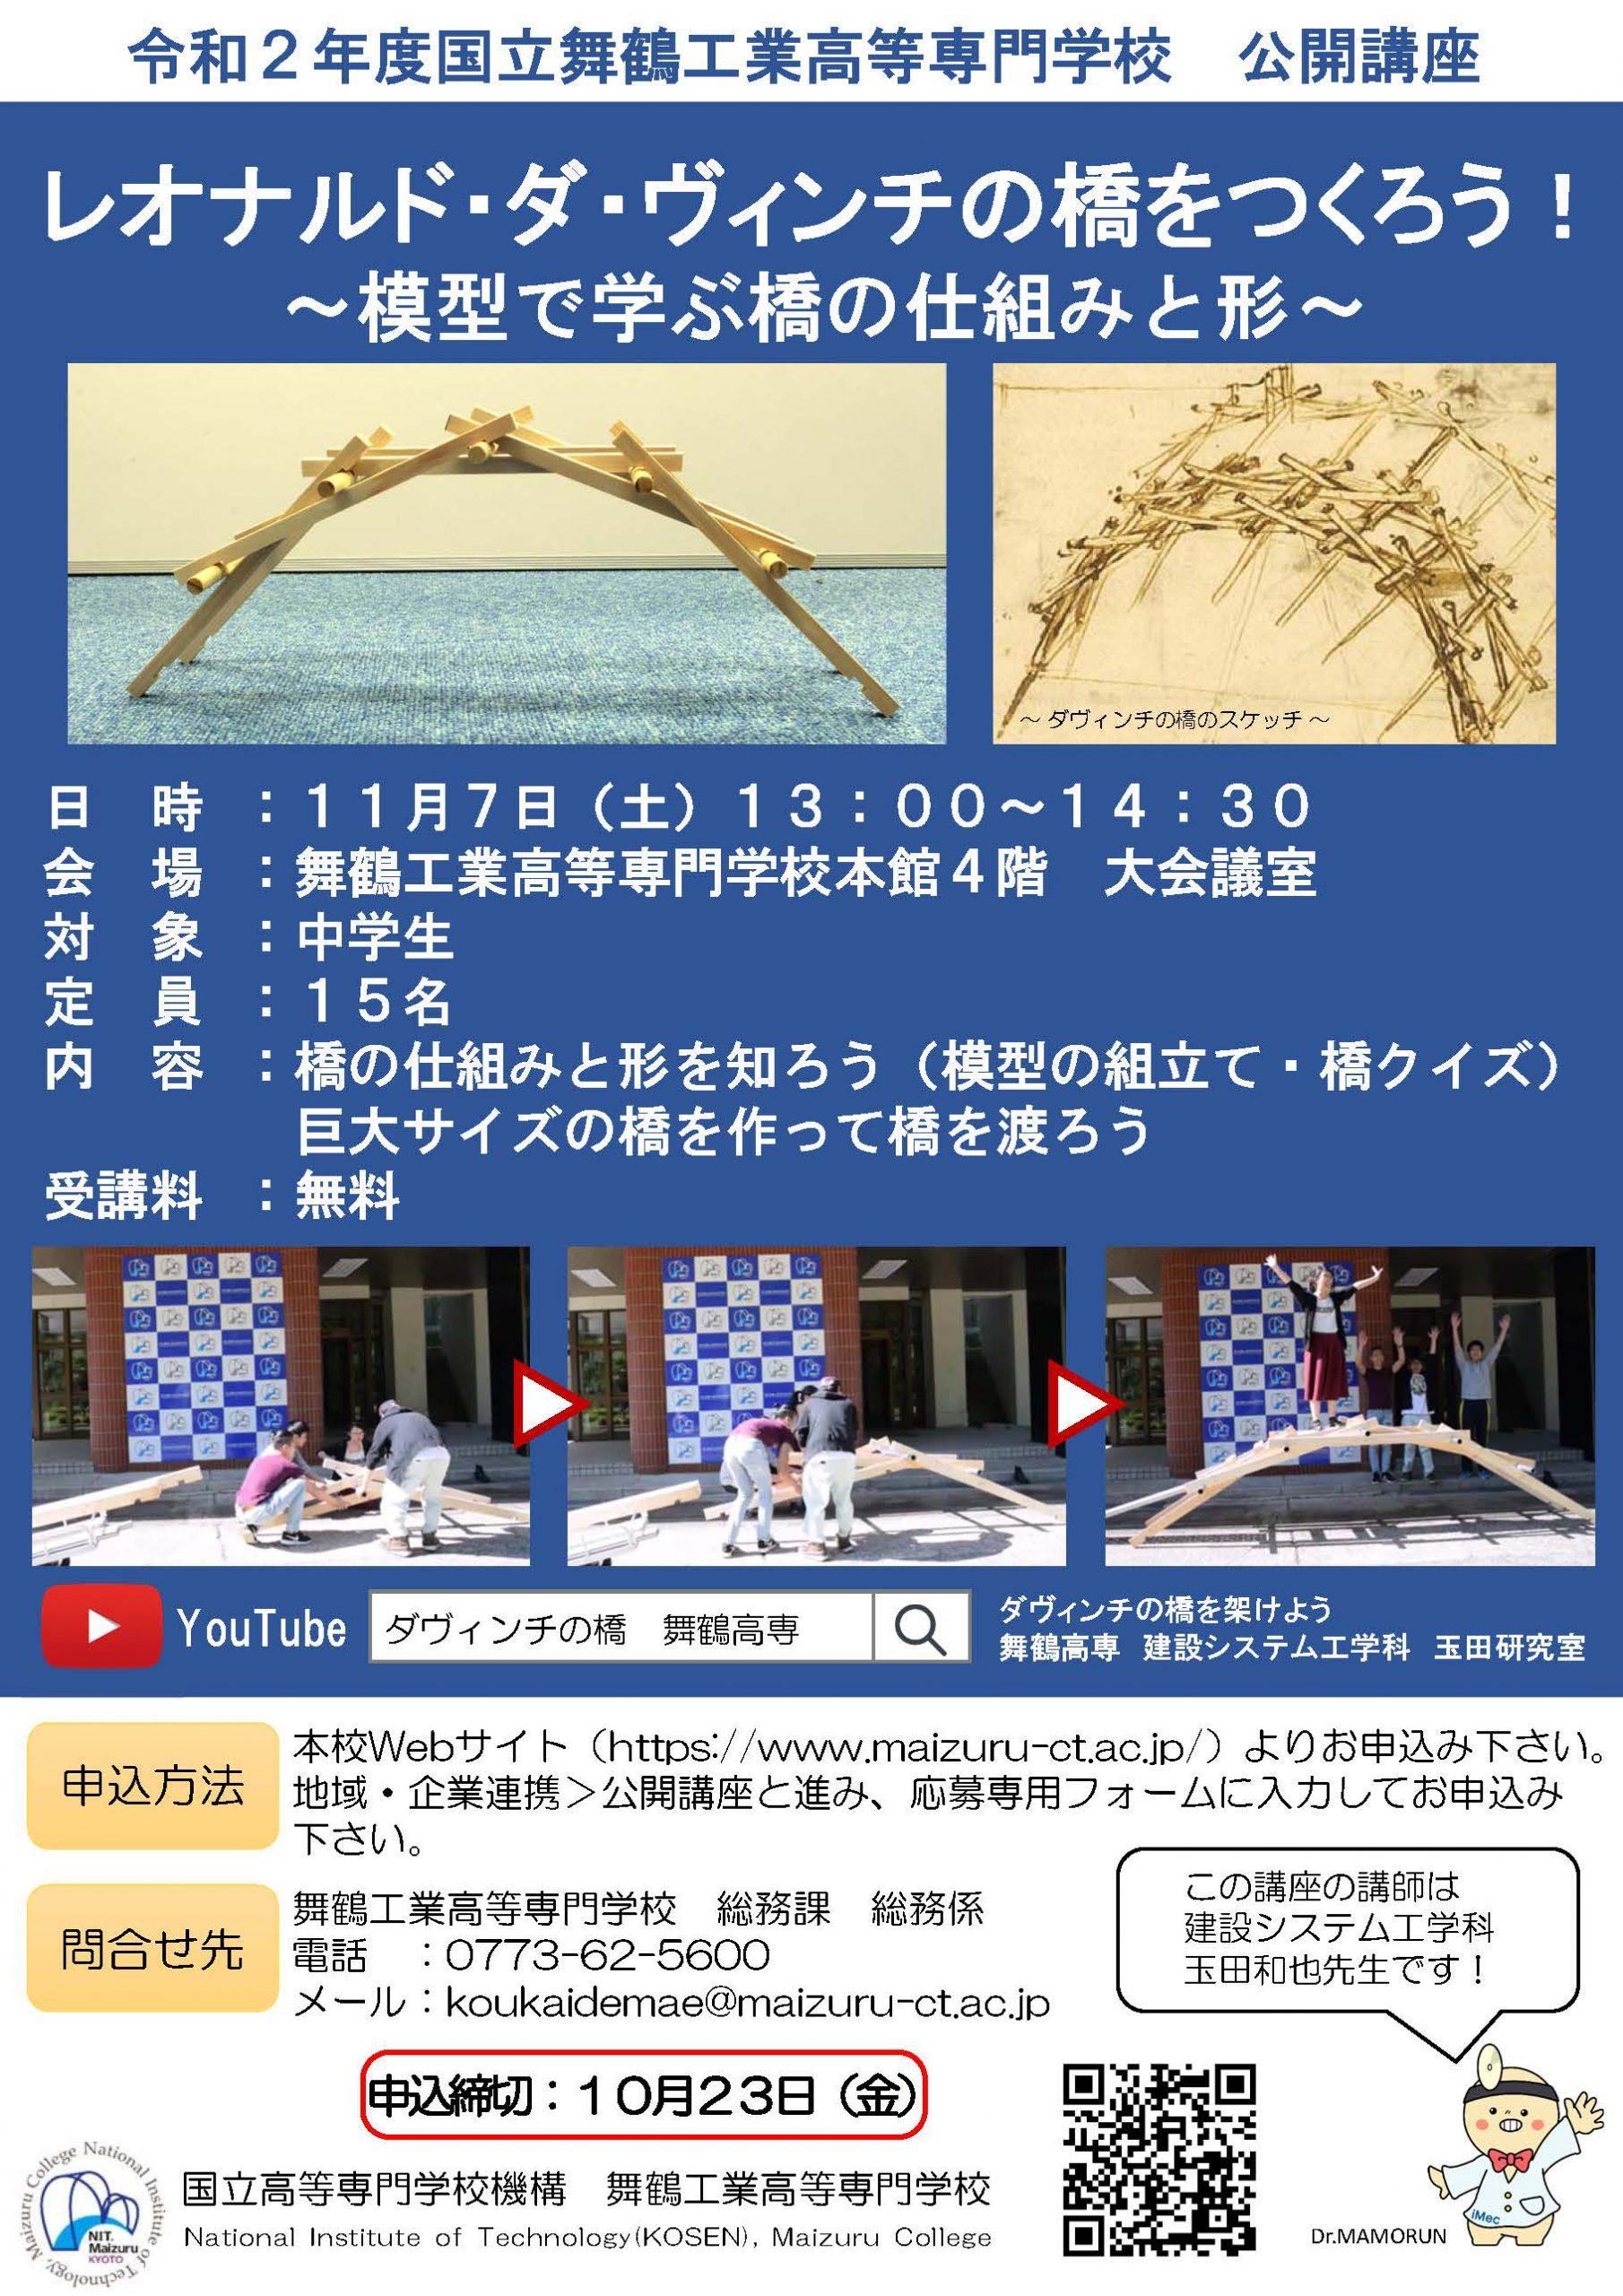 レオナルド・ダ・ヴィンチの橋をつくろう!~模型で学ぶ橋の仕組みと形~